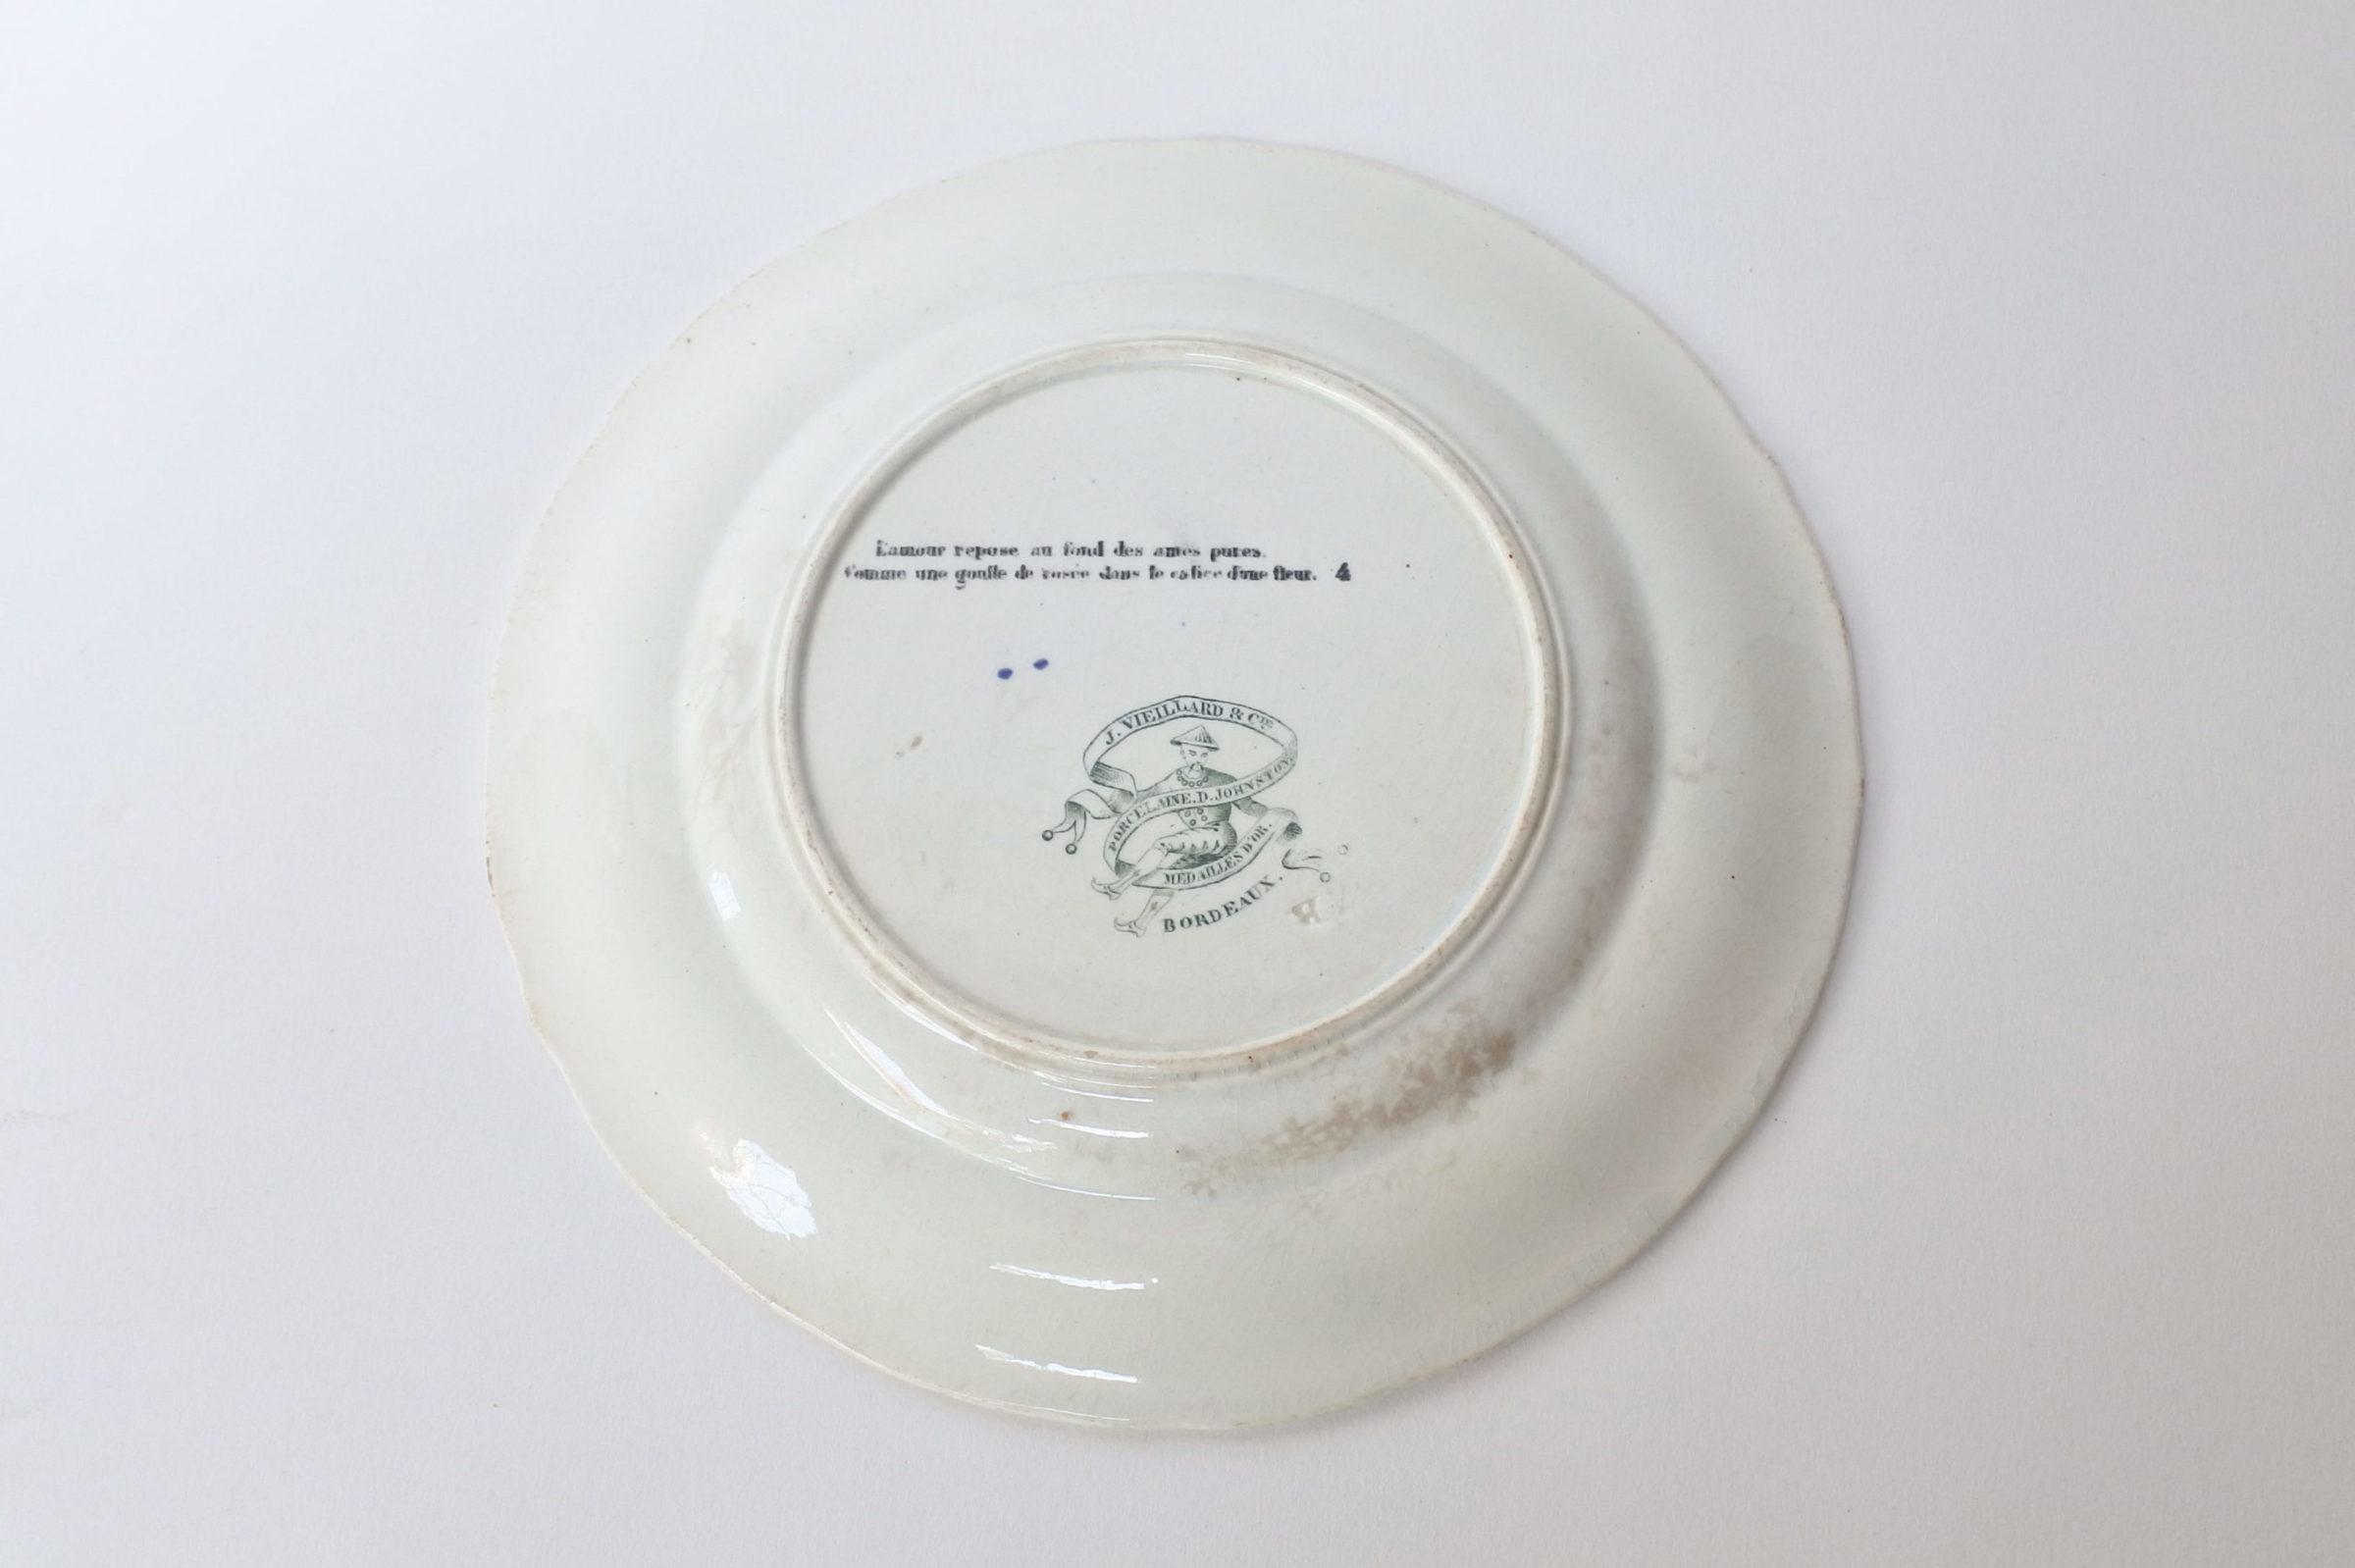 Piatto in ceramica con cornice verde decorato con rebus - decoro n° 4 - 2